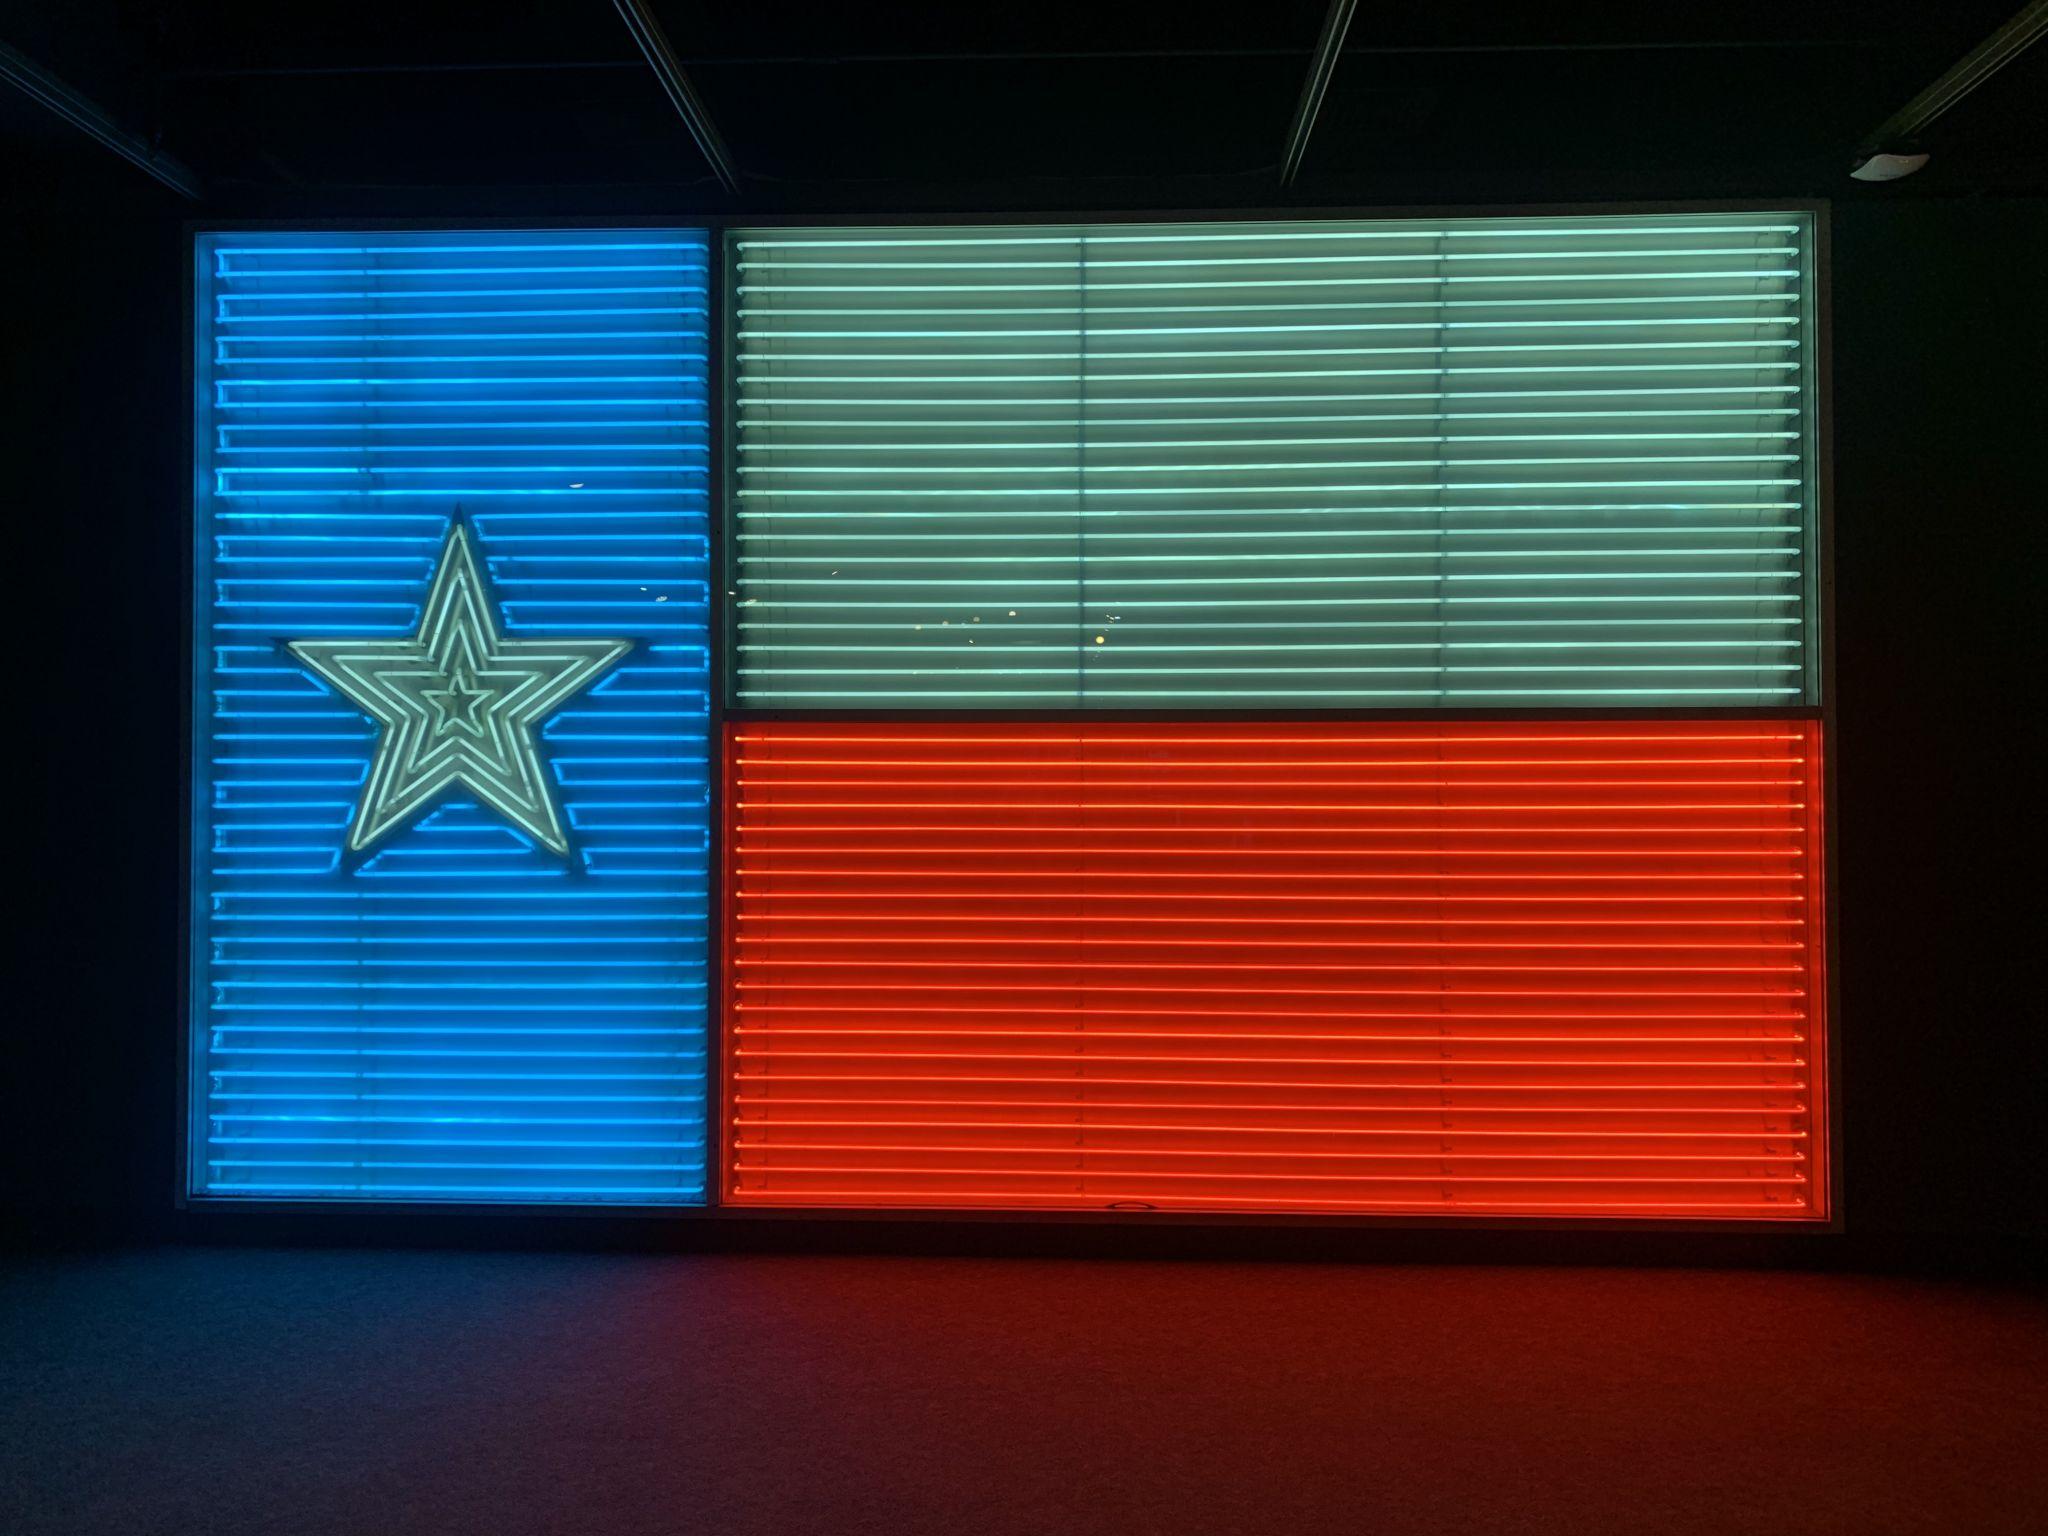 Por qué Texas tiene artículos con temas de Texas durante días, según lo explicado por los tejanos